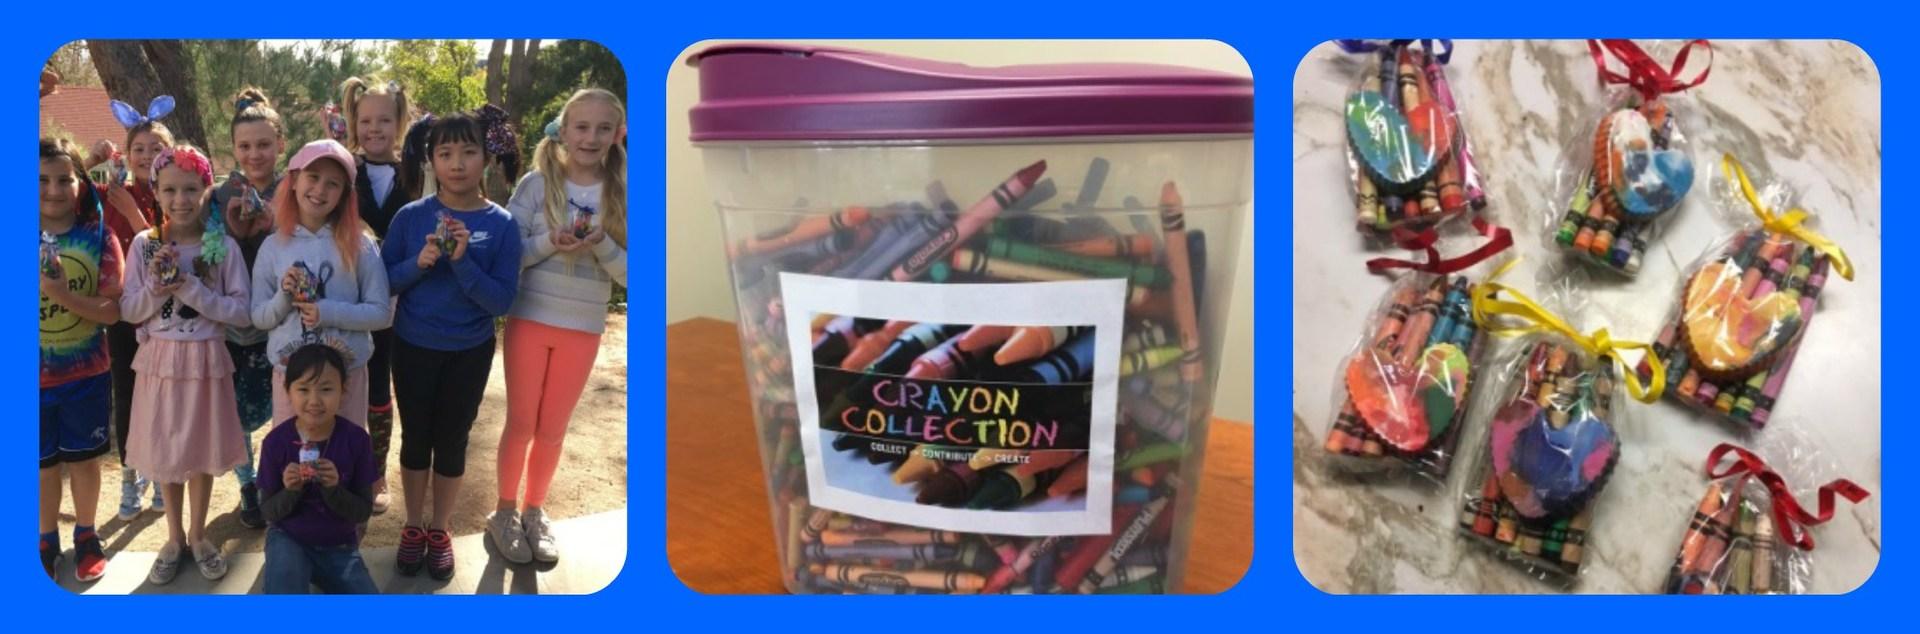 Crayon Campaign